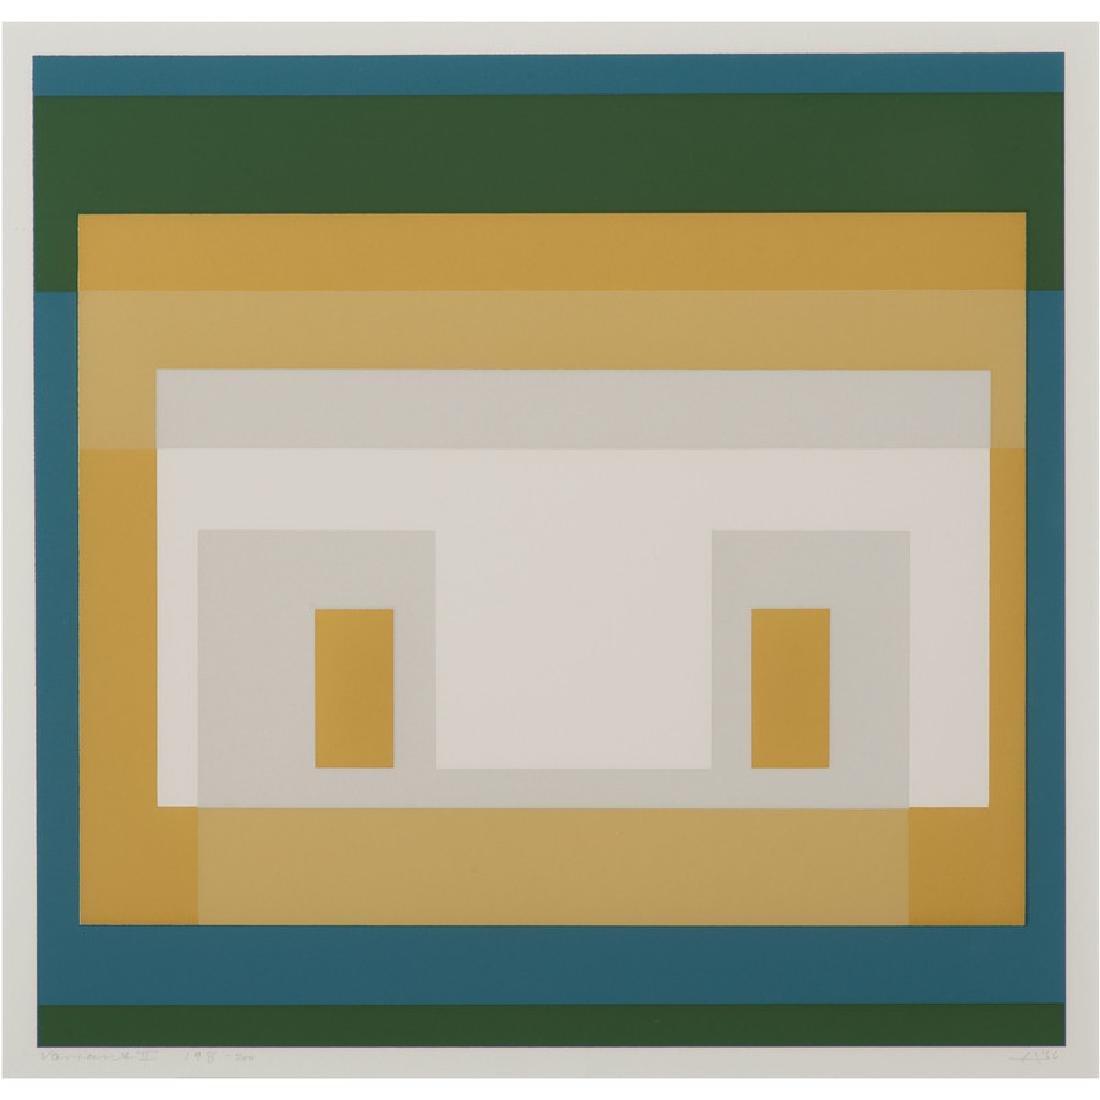 Josef Albers (American/German born, 1888-1976)